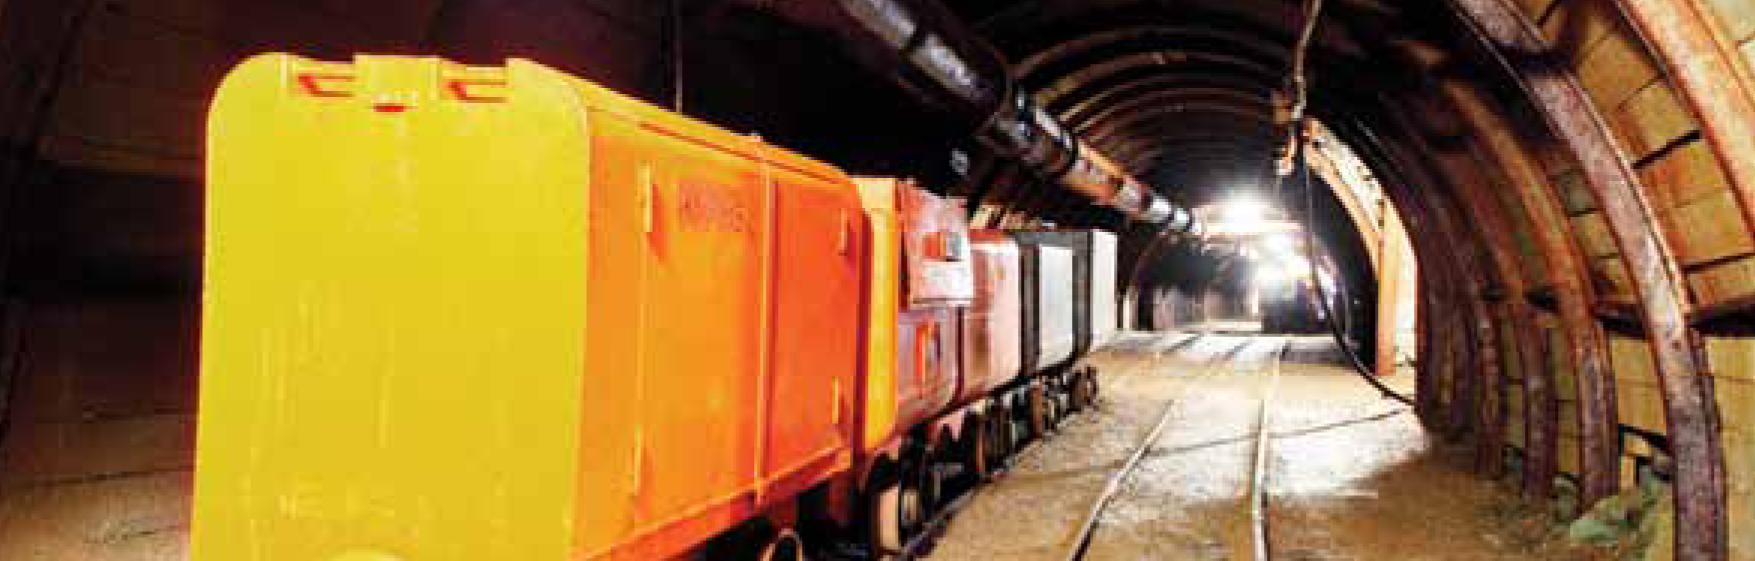 Underground_Mining_Fundamentals_P13GR37WEBPDF-1